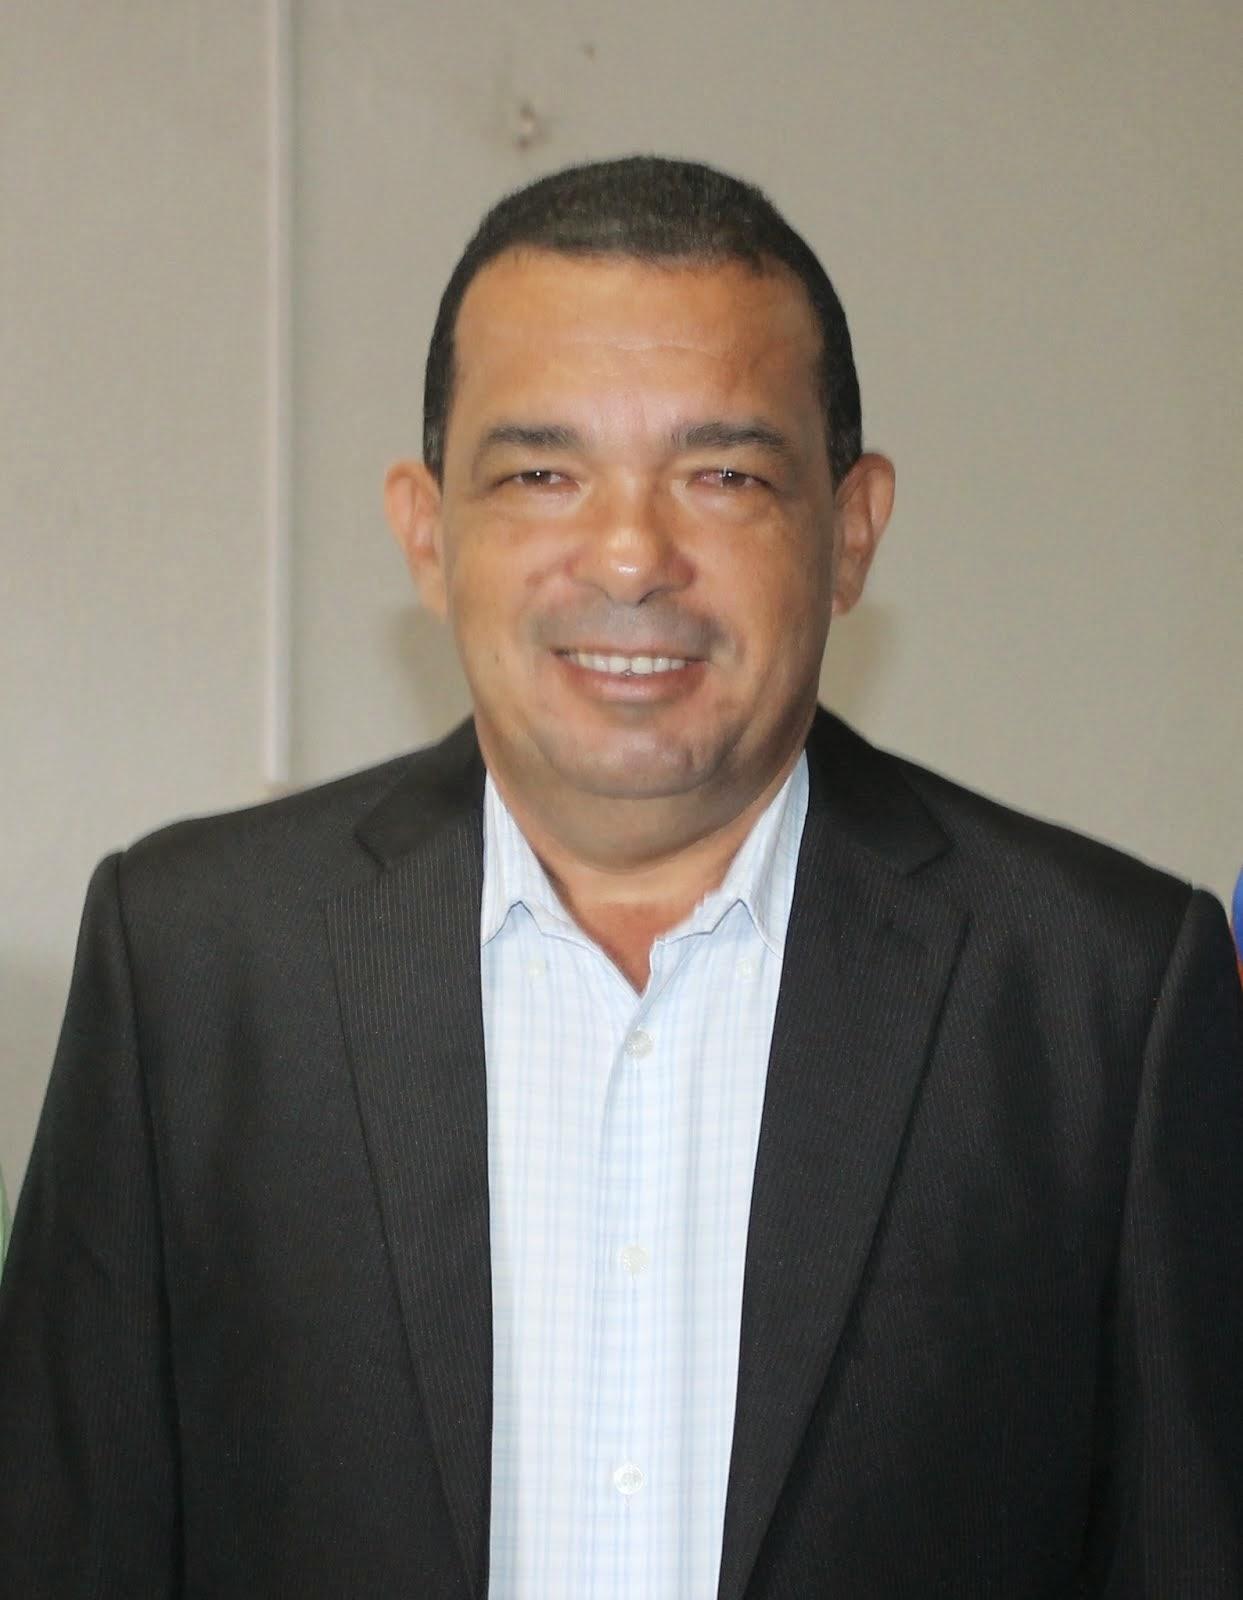 Vereador Alberto Sena de Nazária